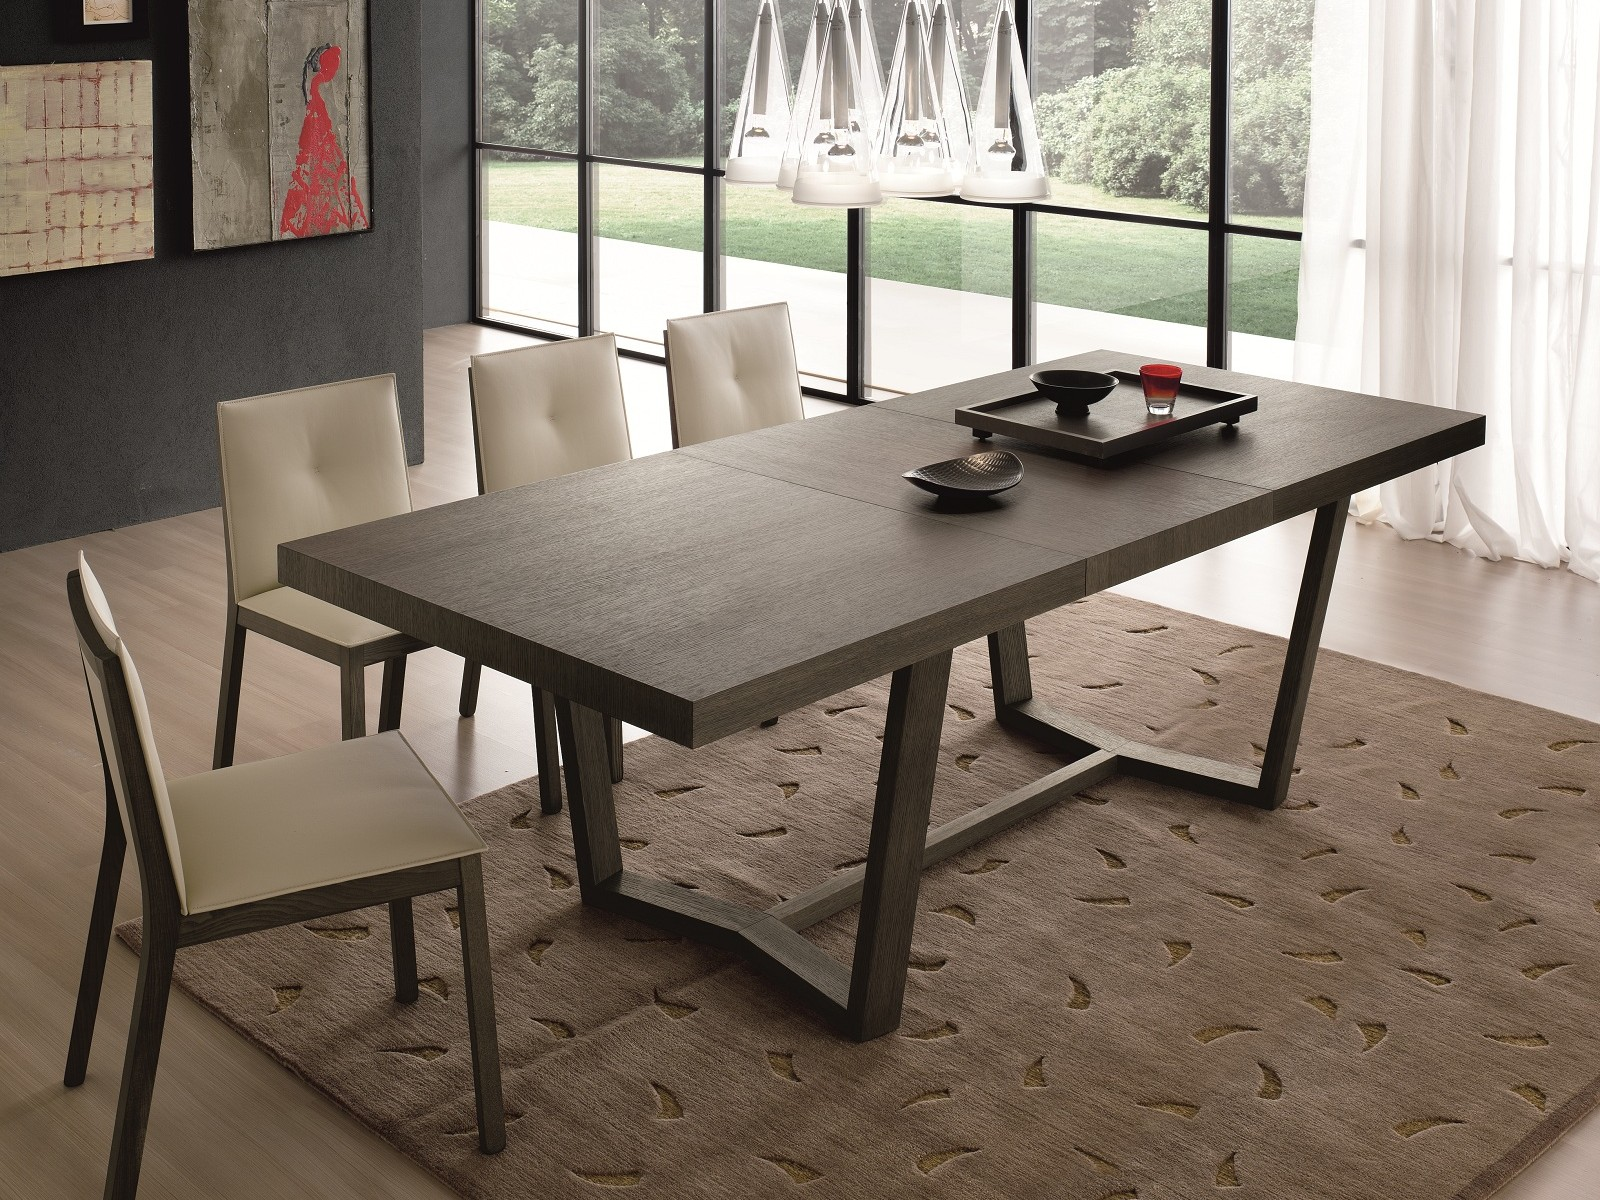 Proposte d 39 arredo complementi tavolo cartesio in legno for Tavoli legno moderni allungabili